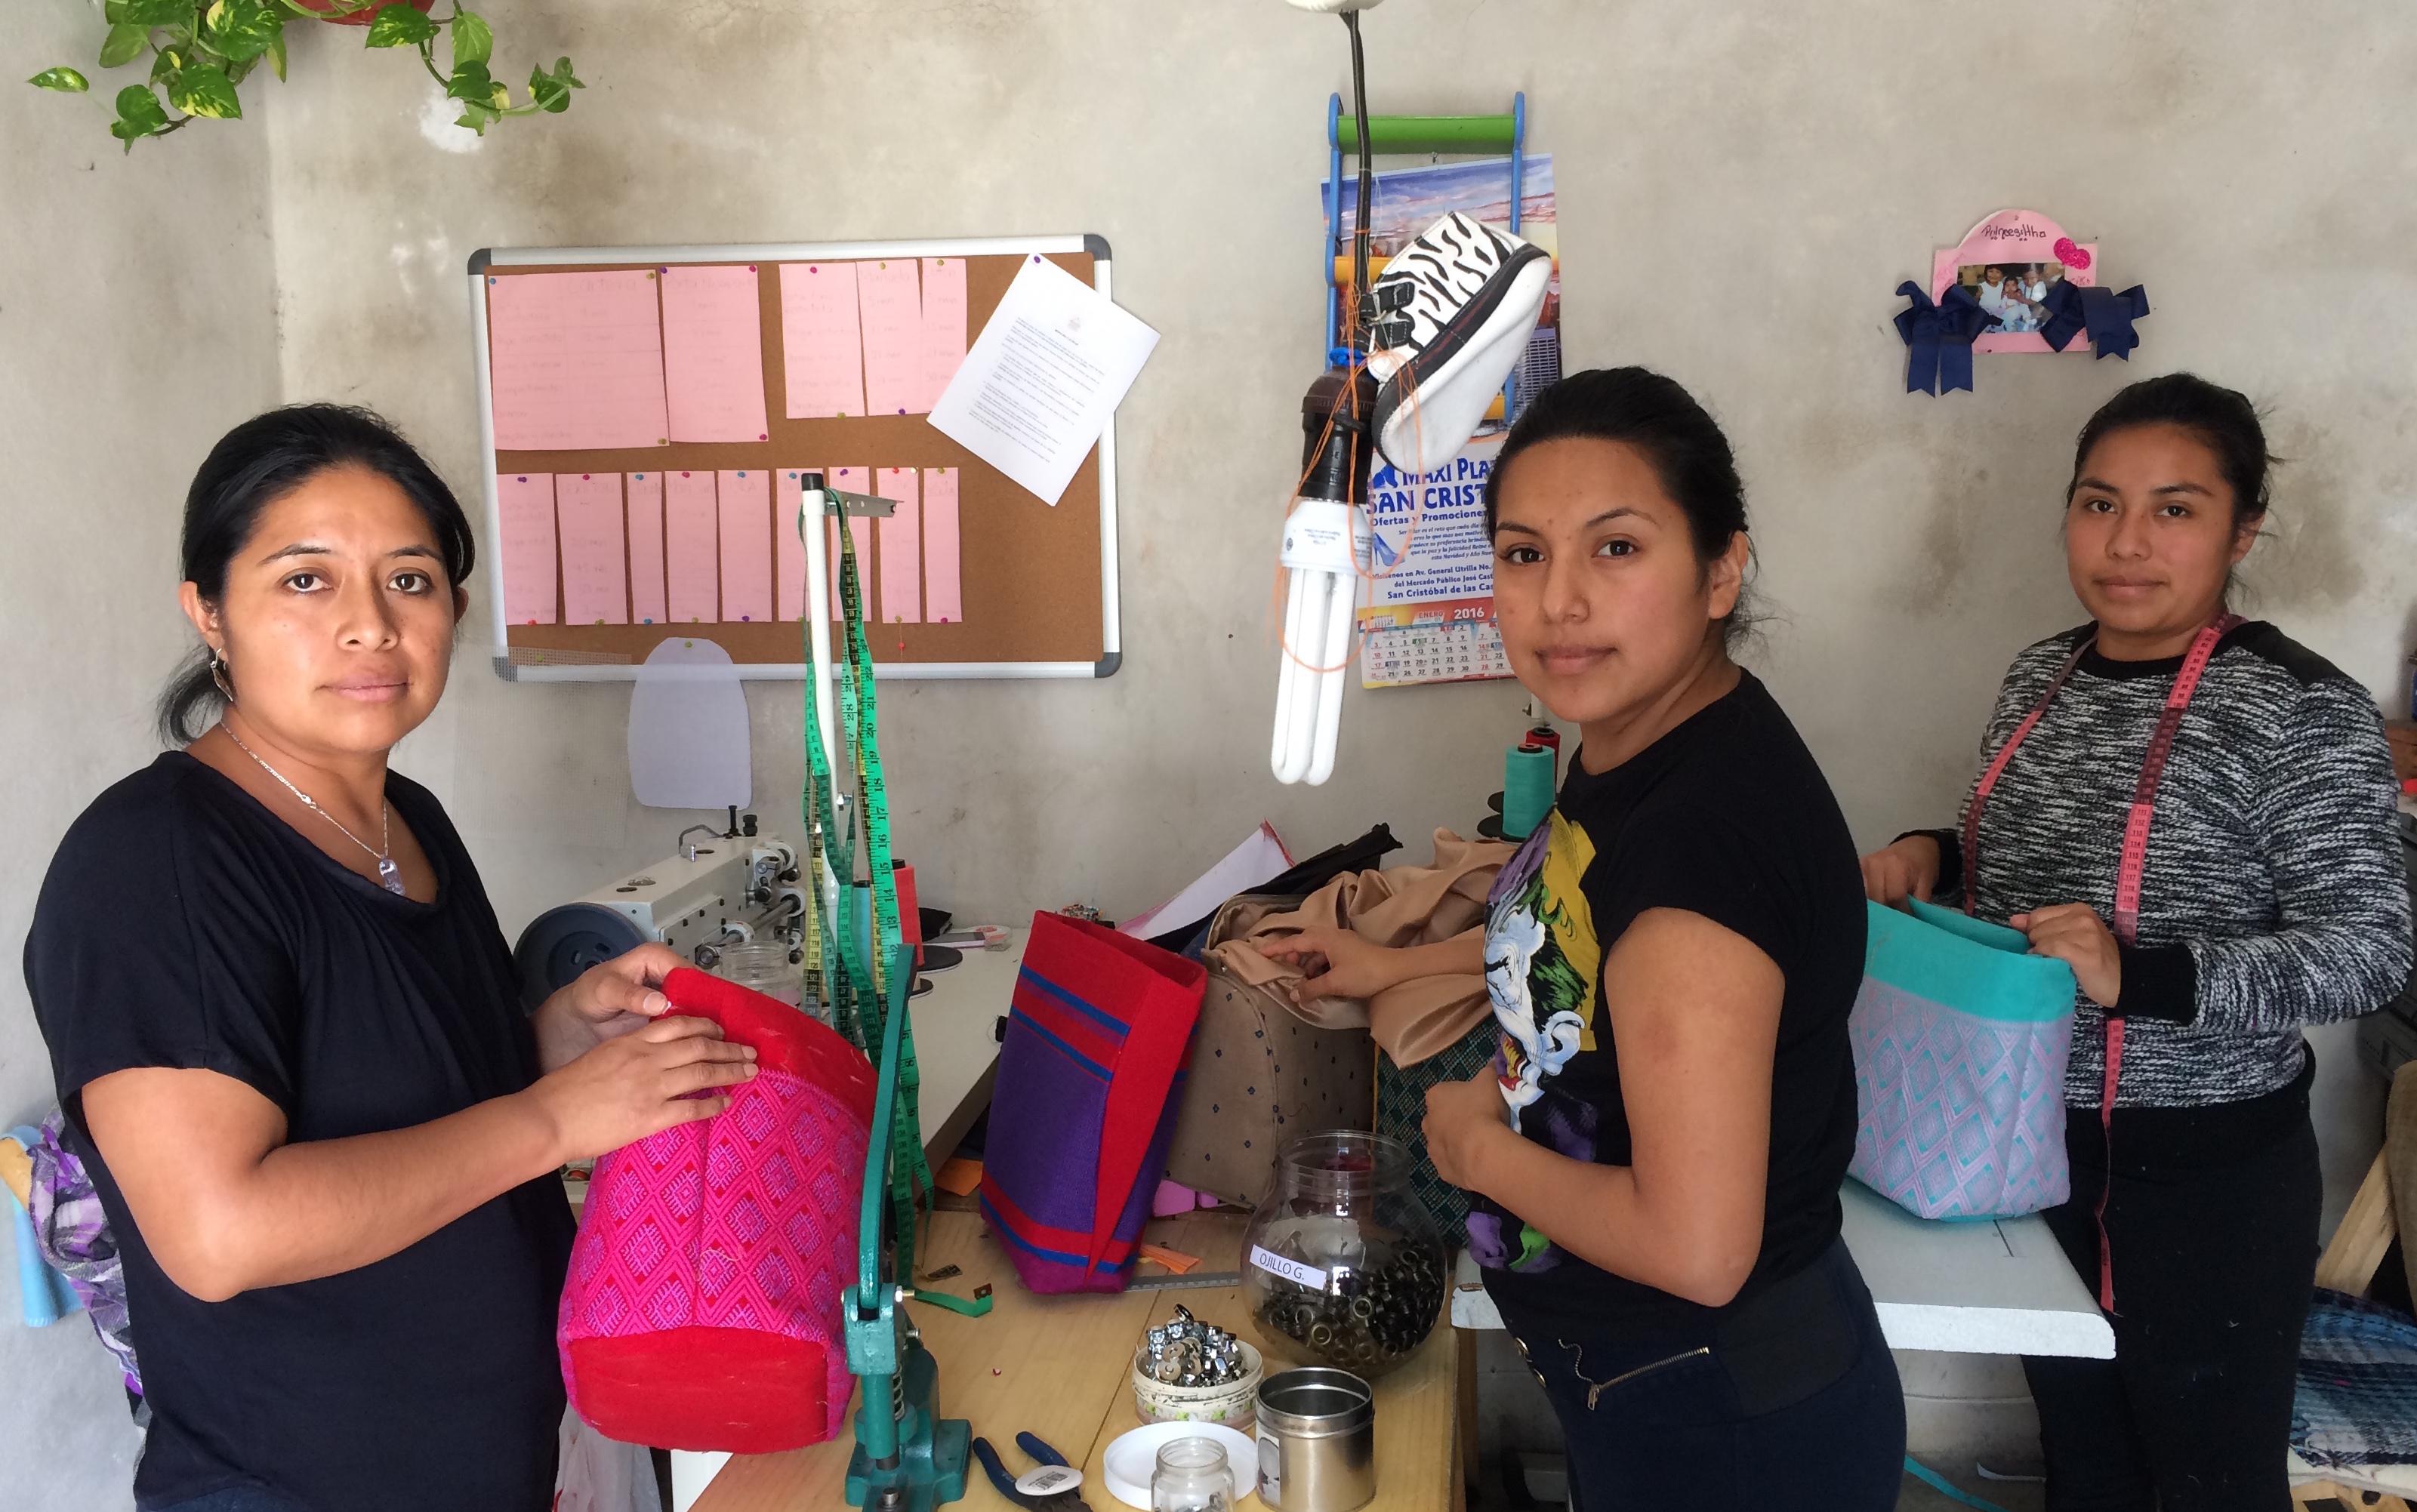 Mujeres solteras en san cristobal delas casas chiapas